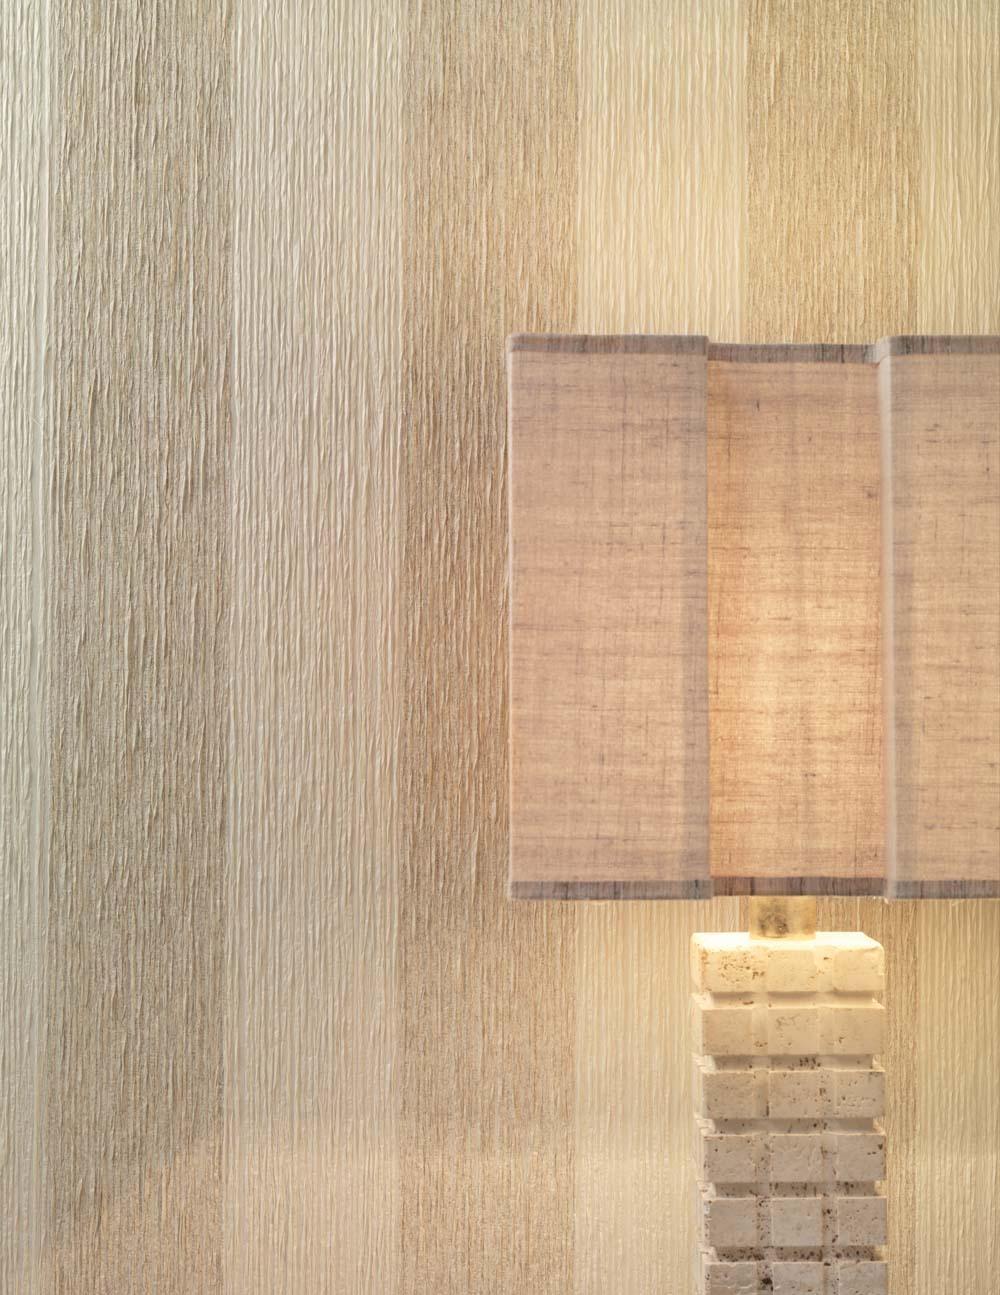 raffinesse tapeten rasch textil gratisversand rechnungskauf. Black Bedroom Furniture Sets. Home Design Ideas